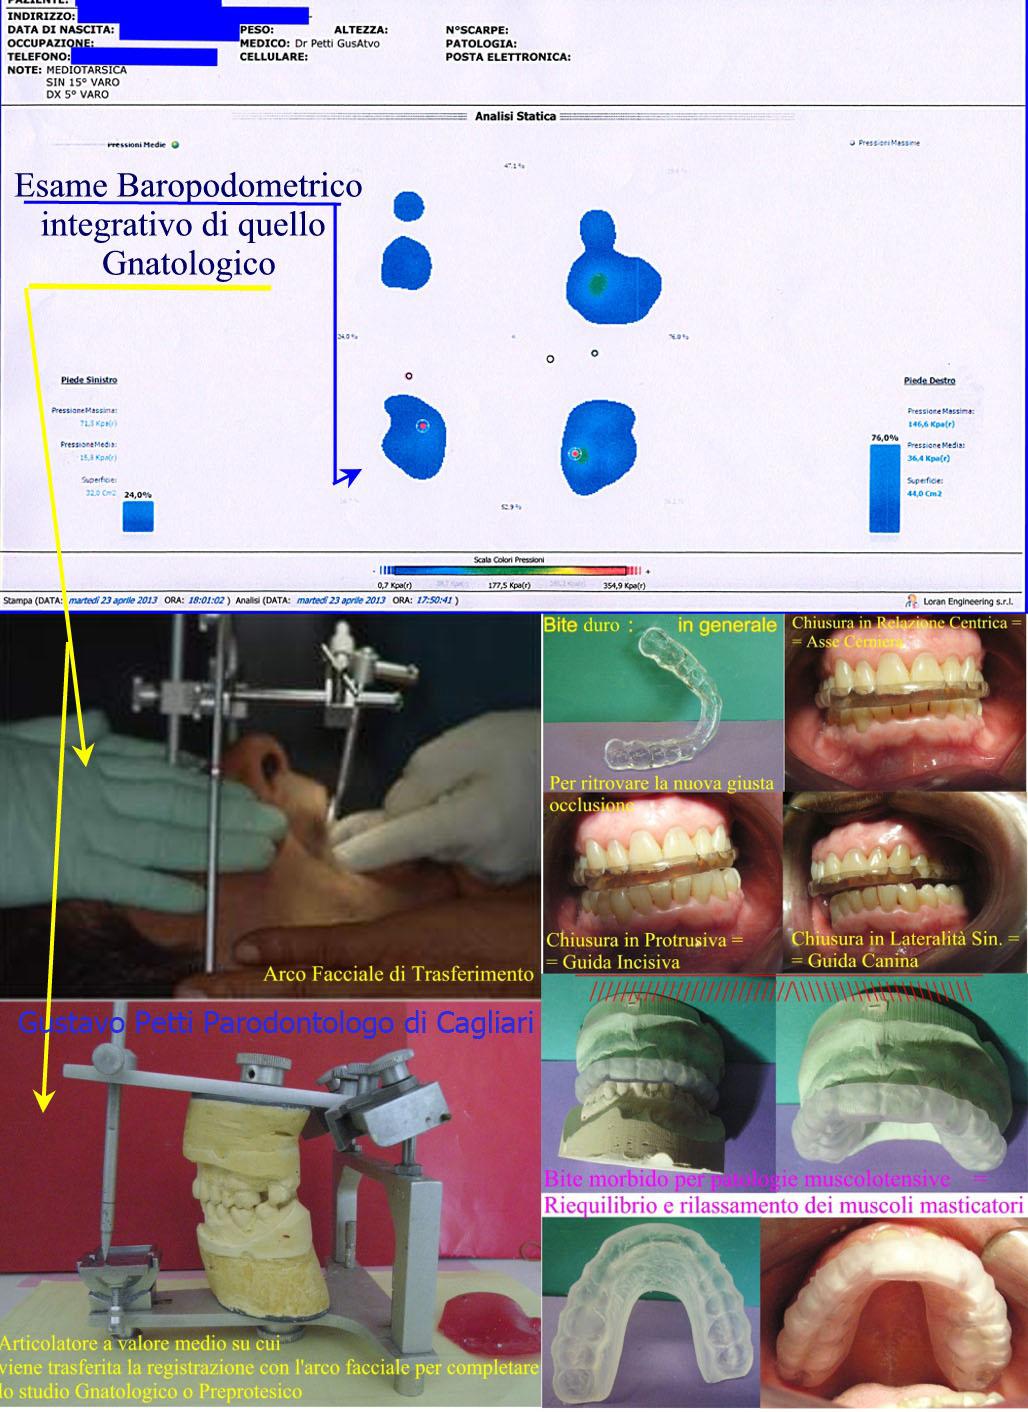 gnatologia-dr-g.petti-cagliari-23.jpg